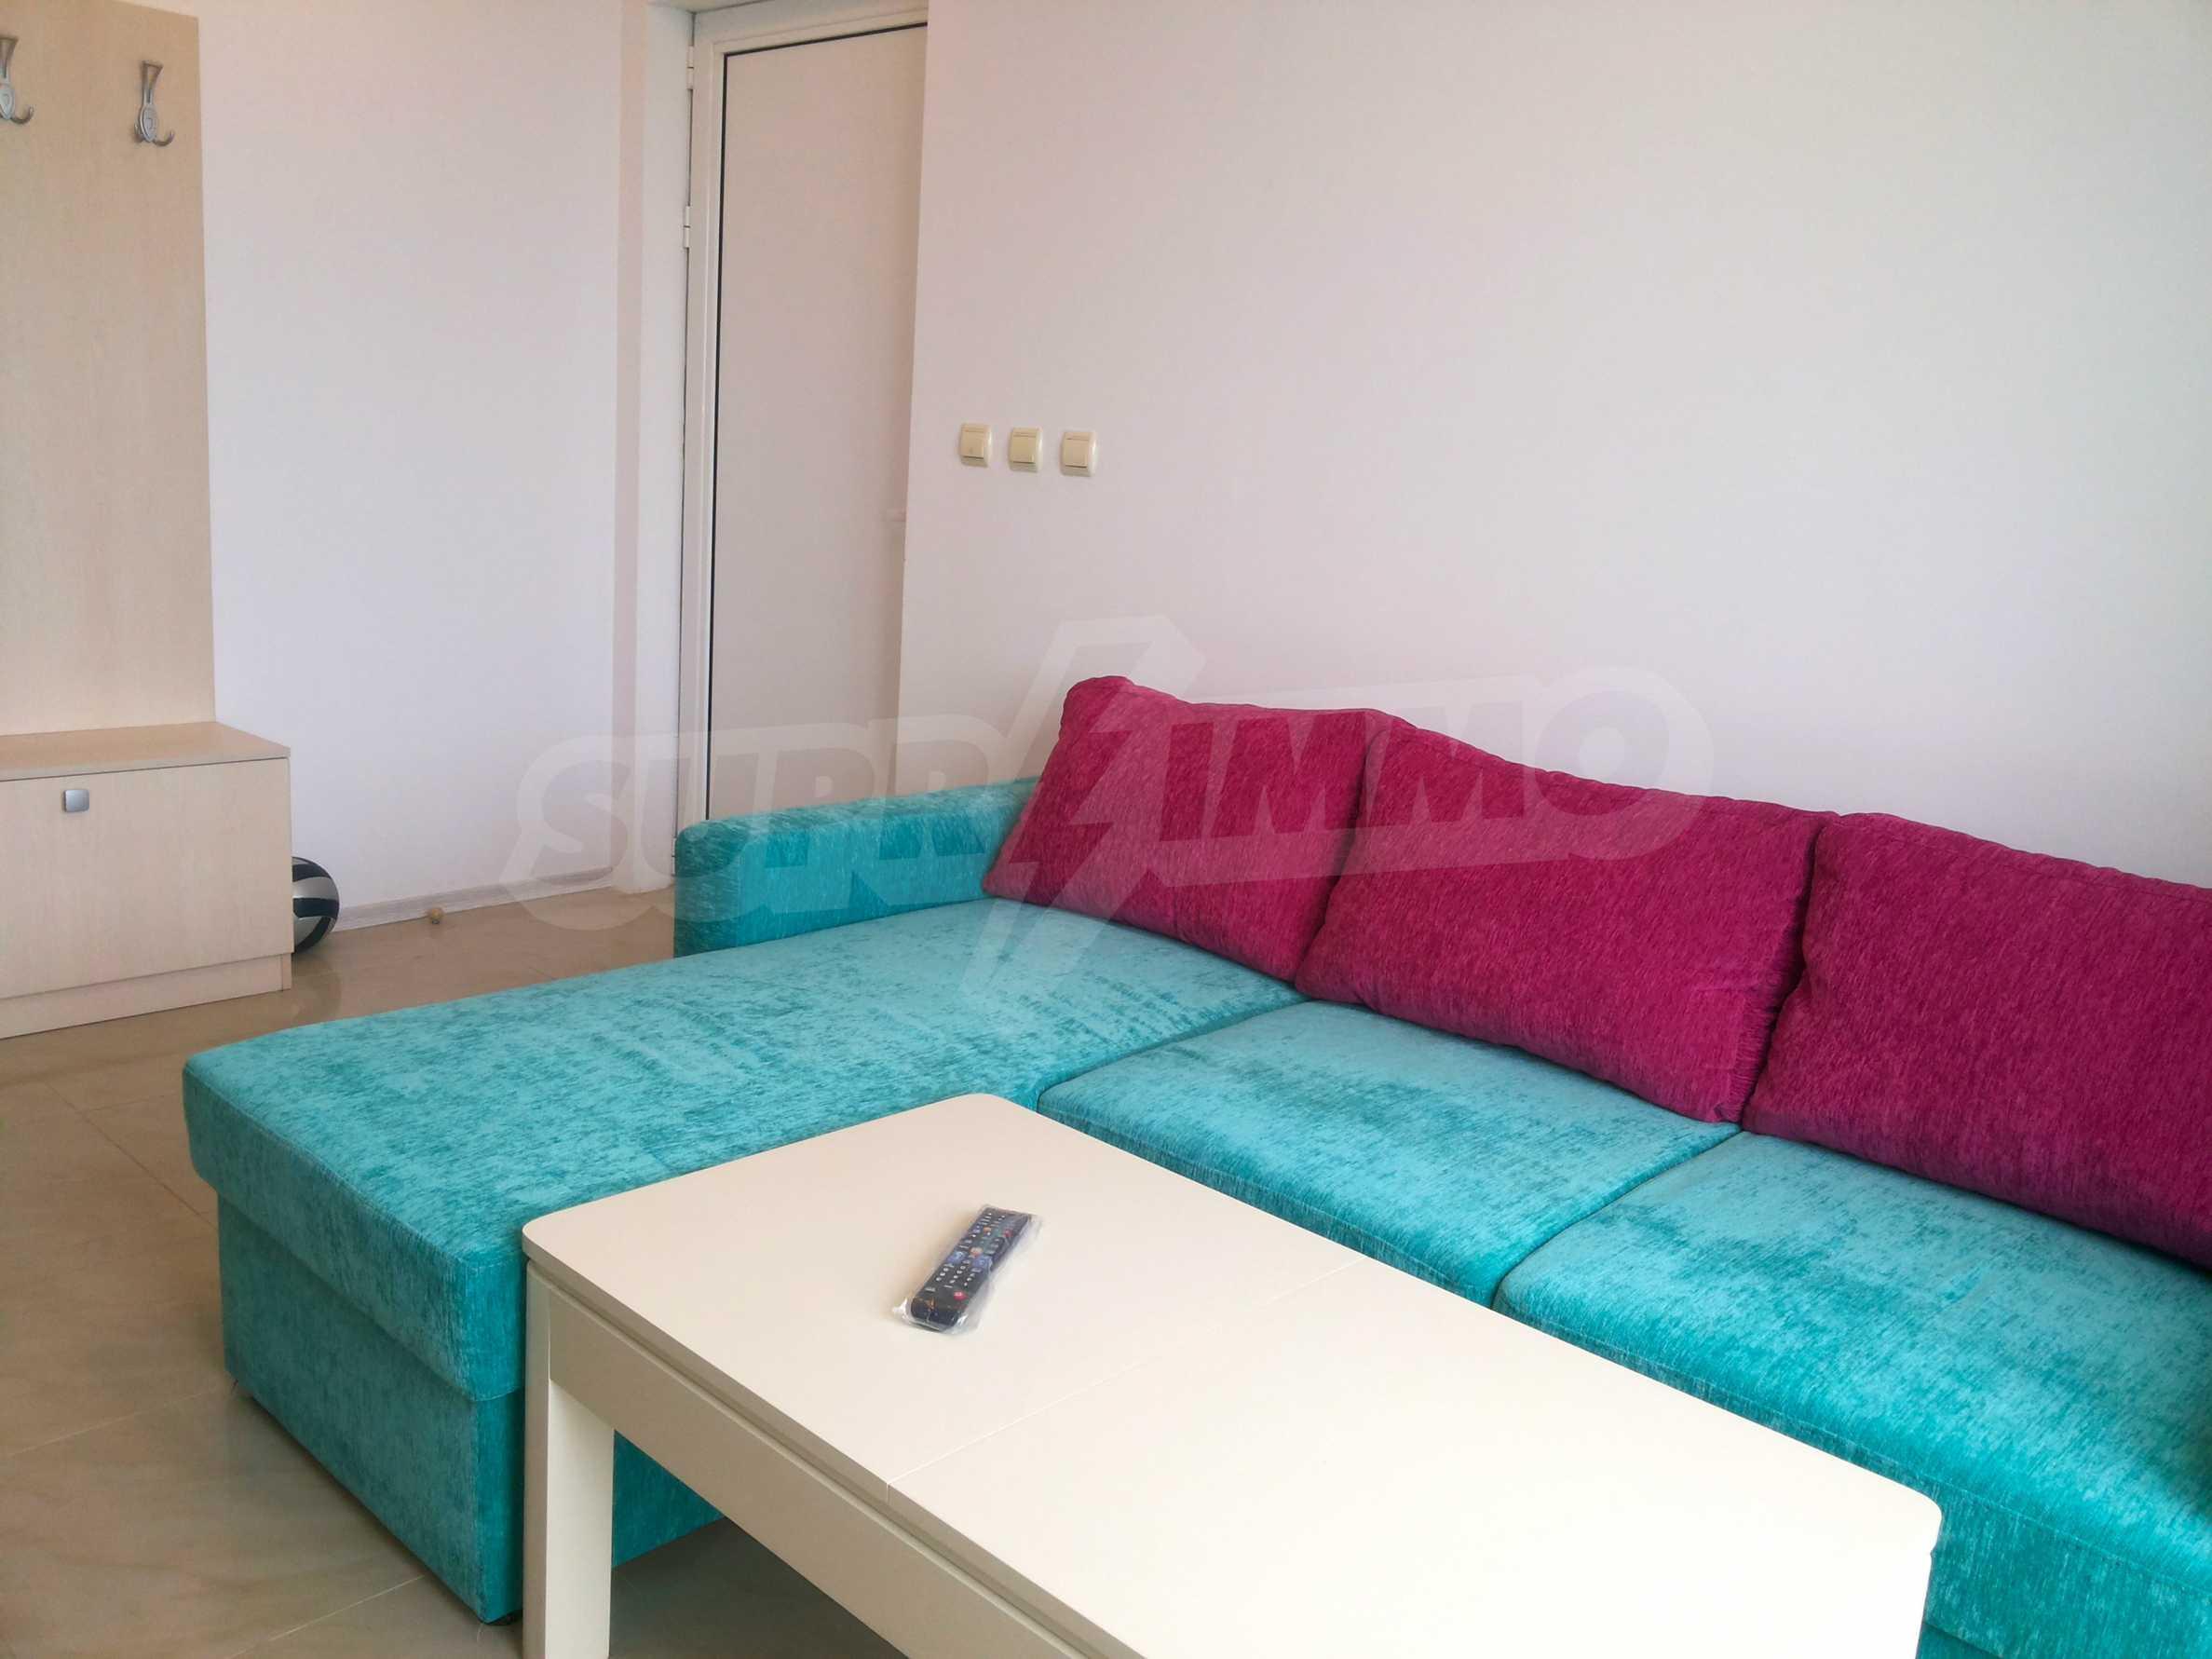 Zwei-Zimmer-Wohnung in einem Komplex 50 Meter vom Meer entfernt 4